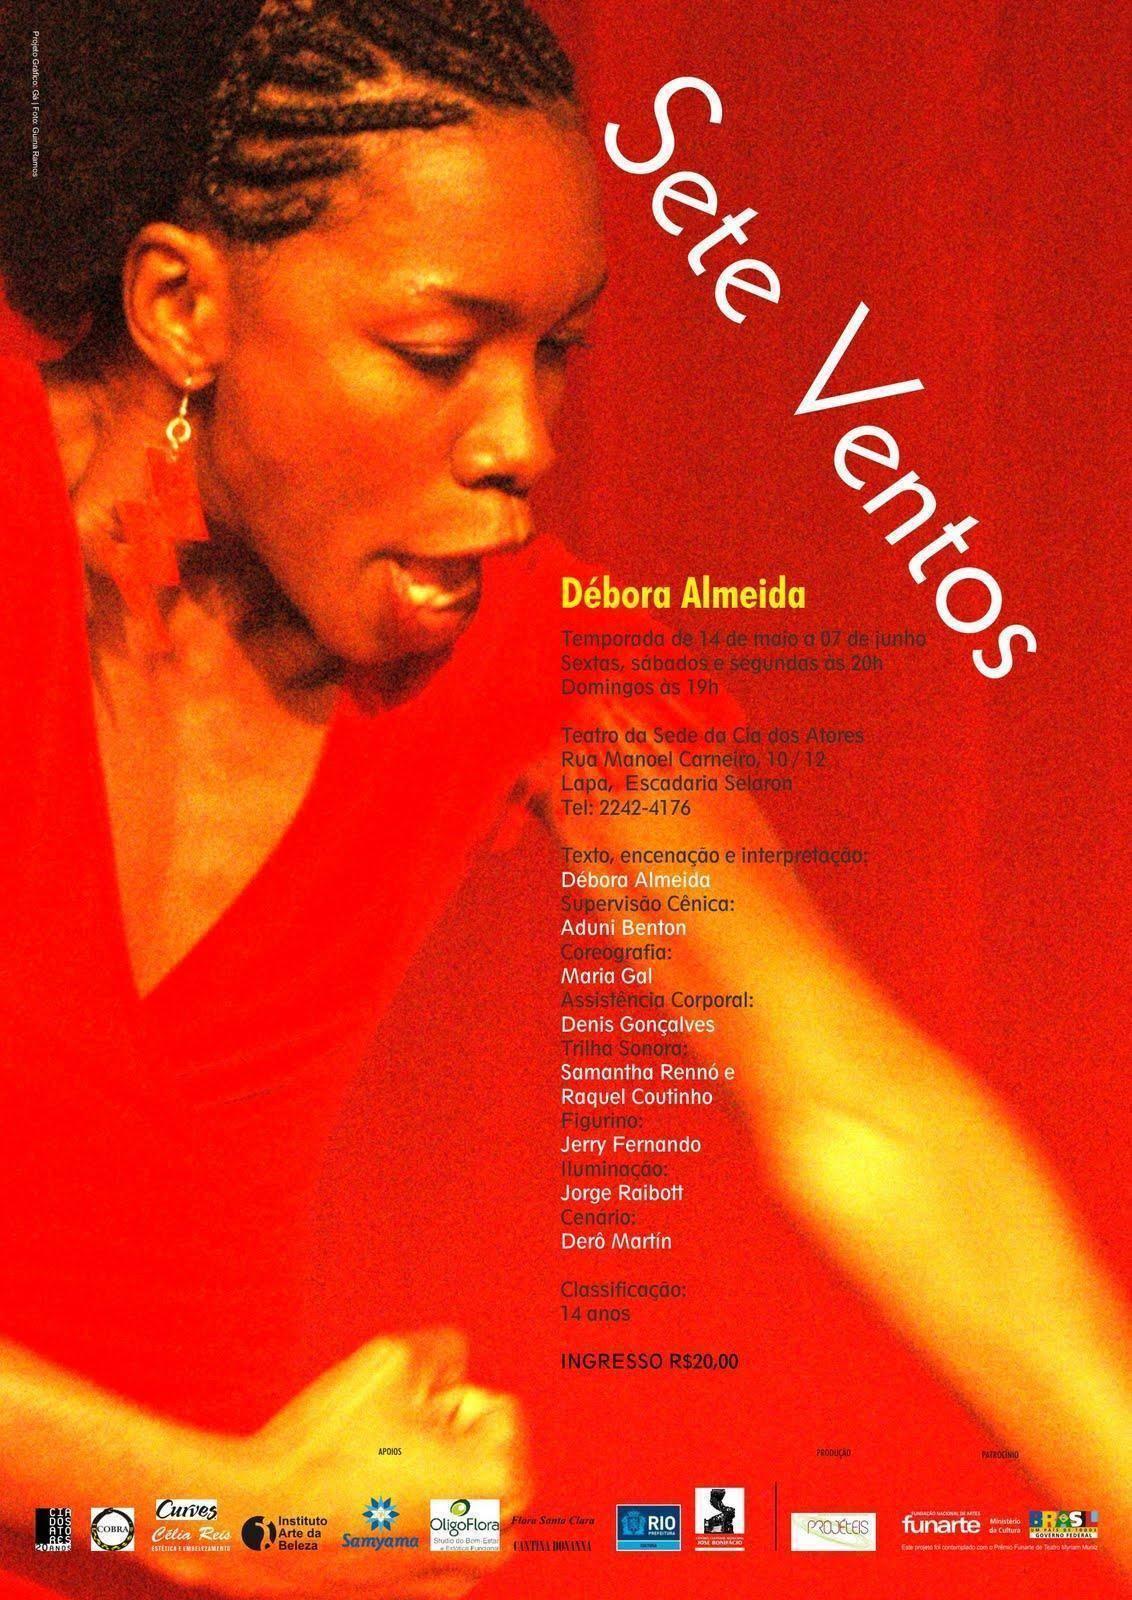 Espetáculo SETE VENTOS - baseado em depoimentos de mulheres - Temporada de 14 de maio a 07 de junho